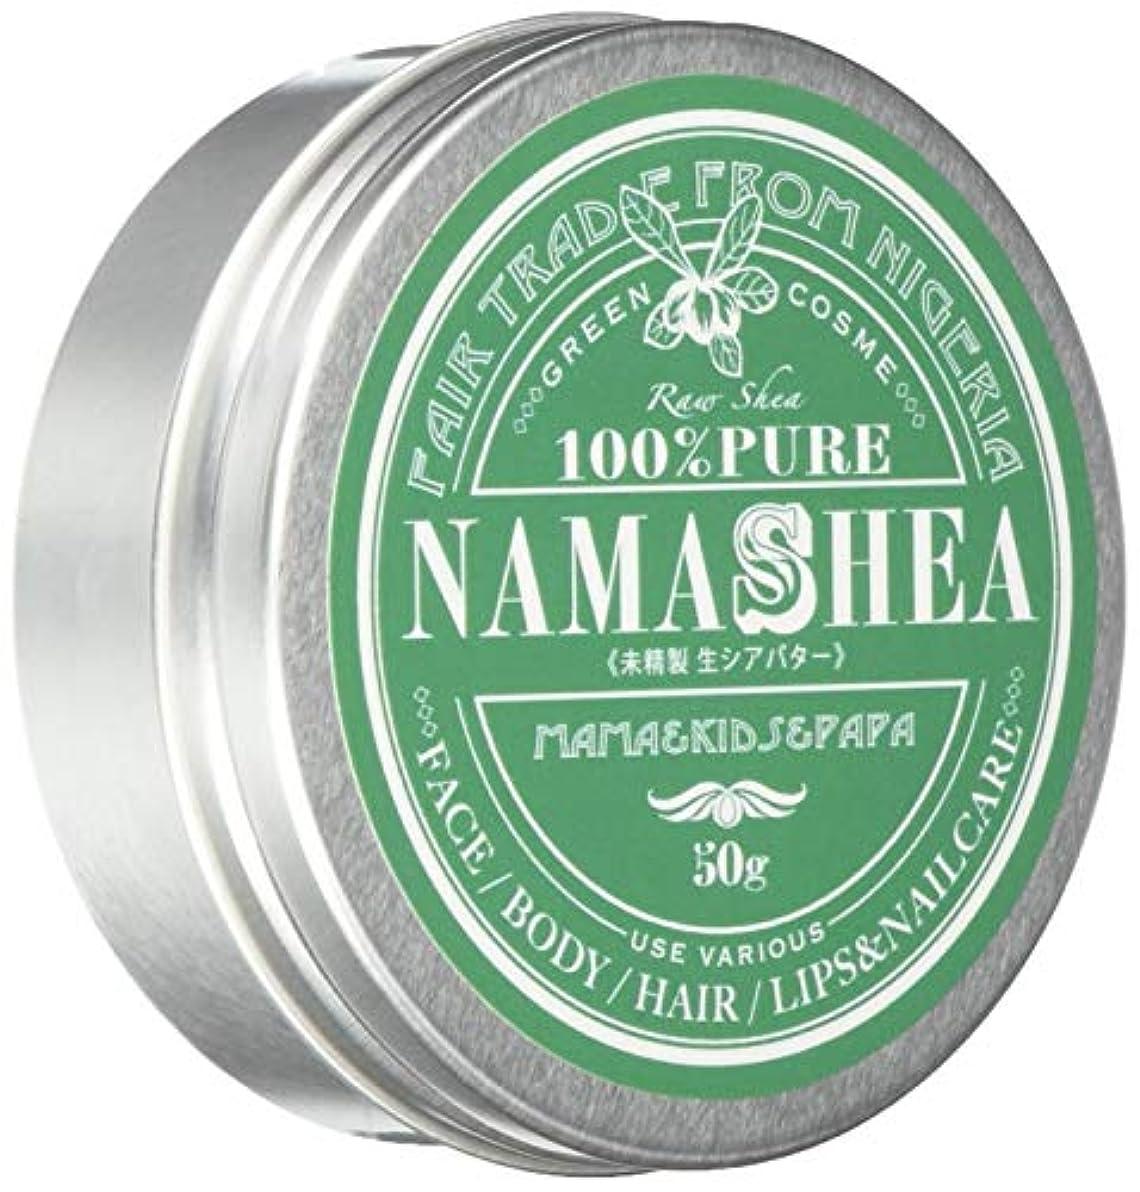 ラバ企業なめるナマシア 未精製シアバター